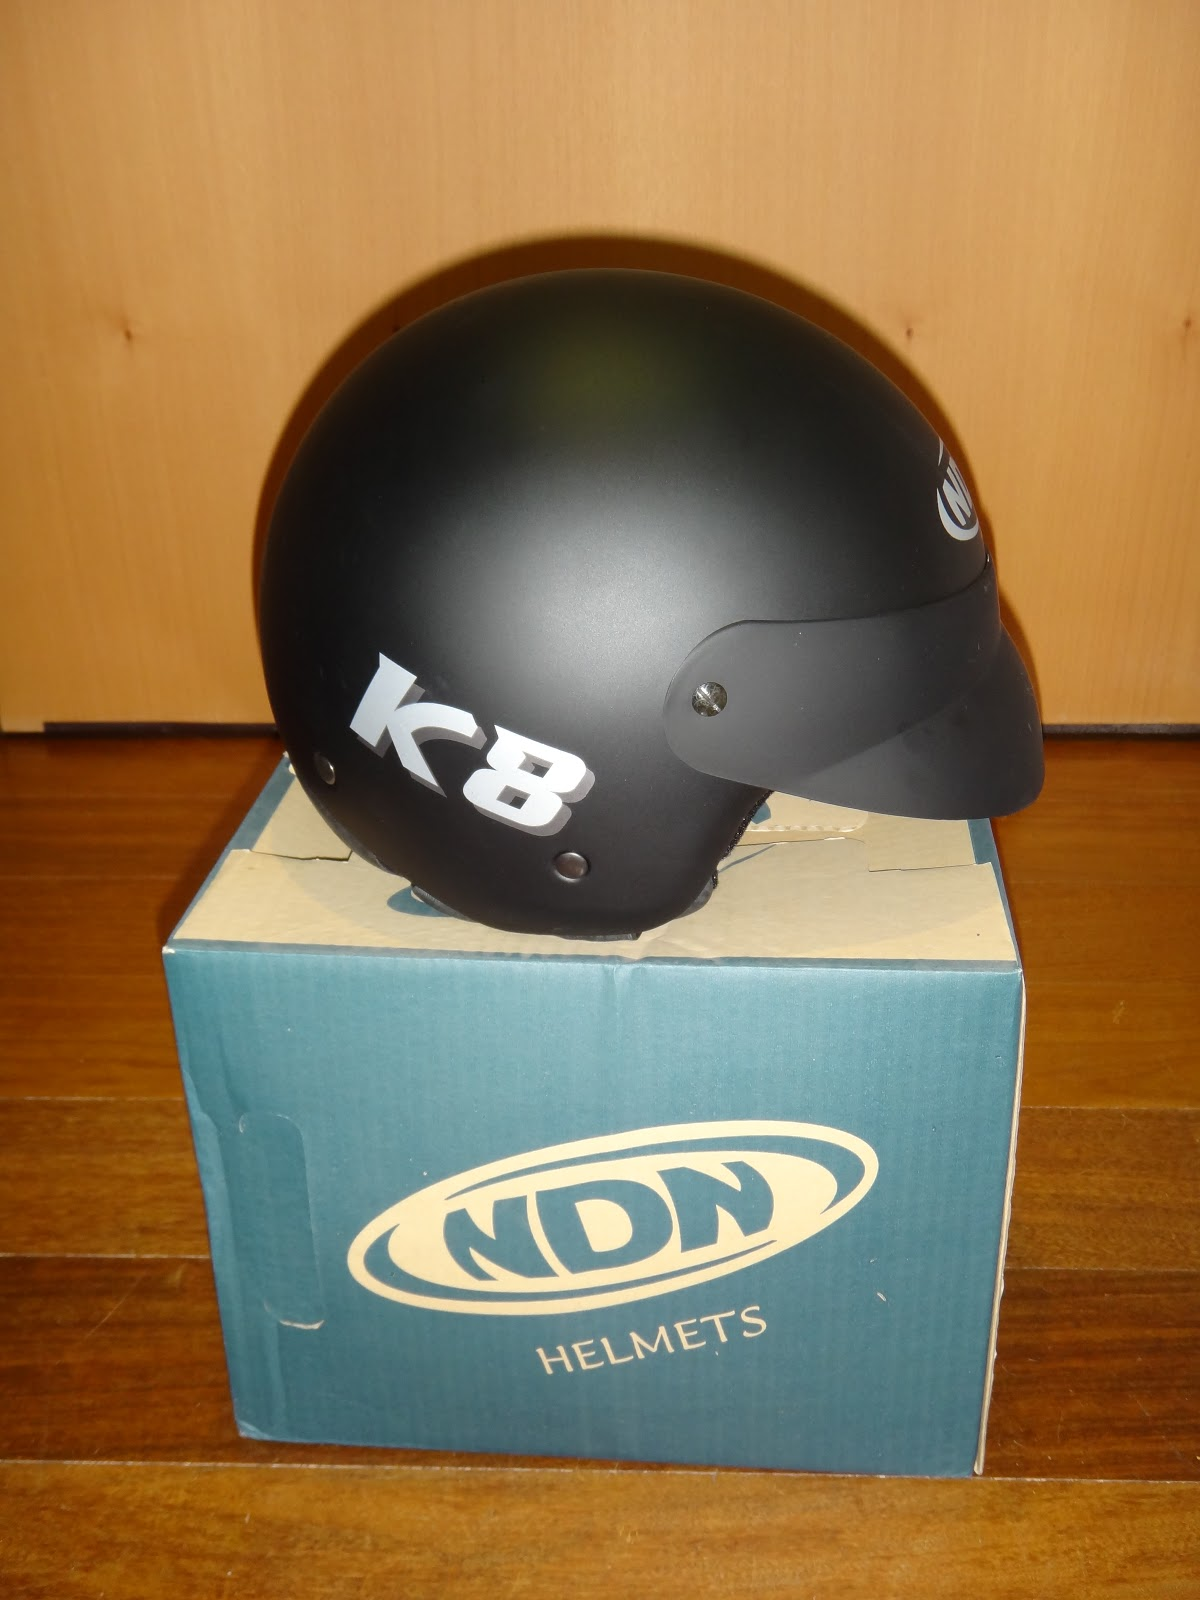 diana NDN ... sente-se com a responsabilidade de orientar os Portugueses na sua gestão de equipamentos! Neste caso apresentamos um capacete de imitação retro ...